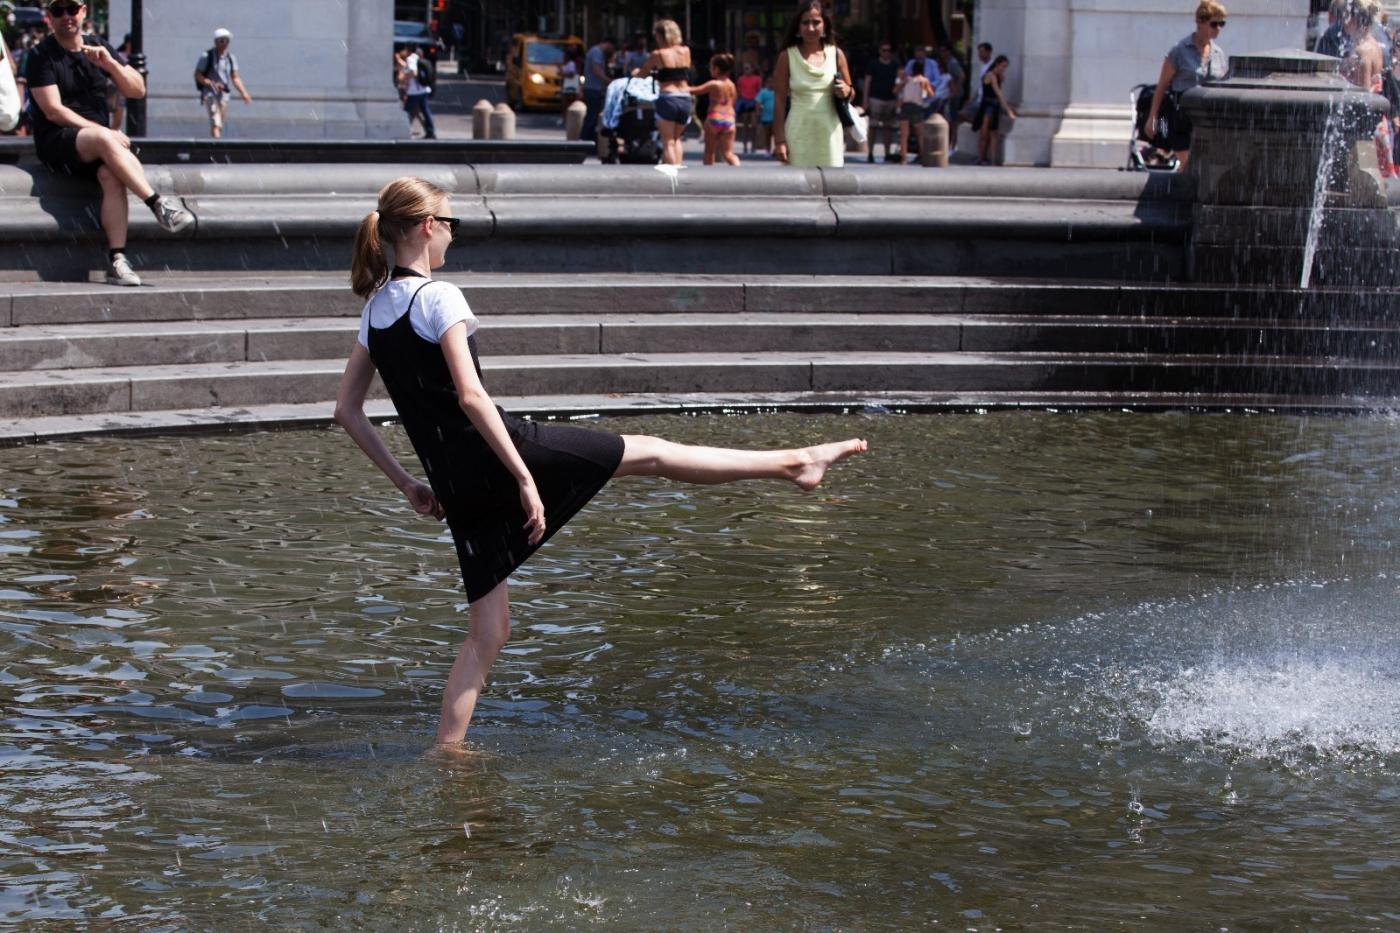 在喷水池中戏水的小孩,天真活泼(摄于纽约华盛顿广场喷水池) ... ... ..._图1-14